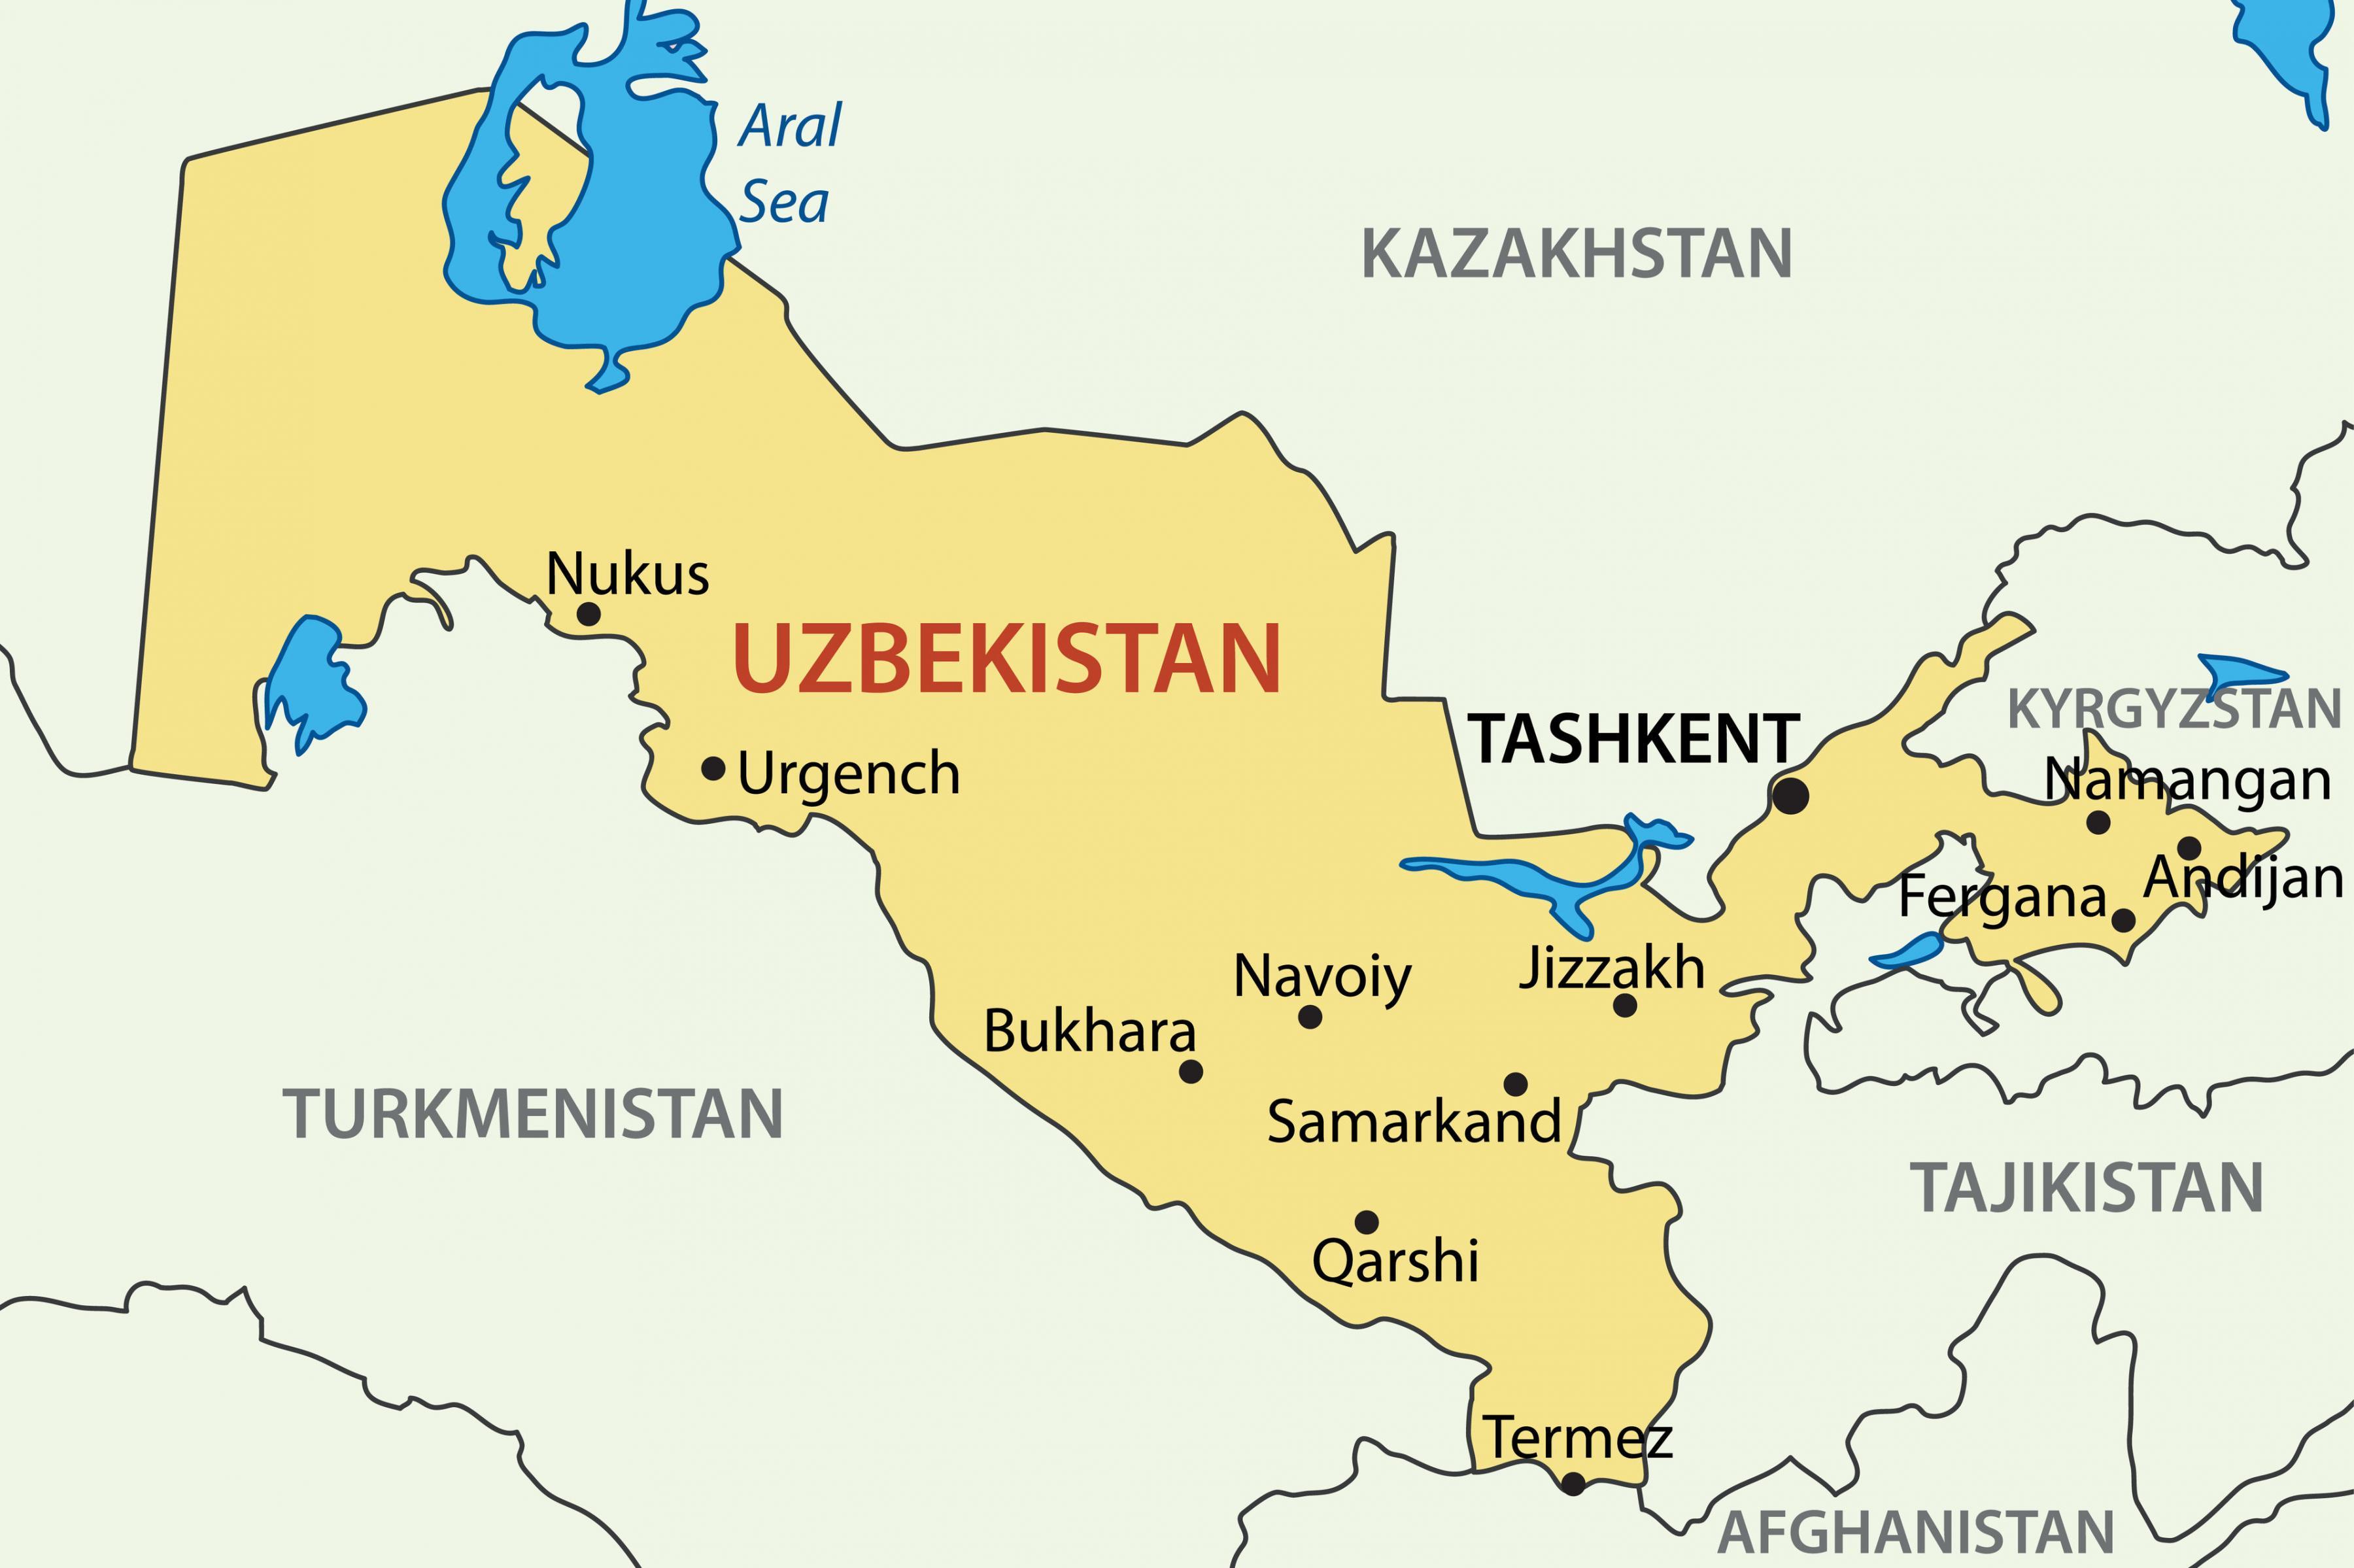 Usbekistan Karte.Landkarte Von Usbekistan Der Hauptstadt Von Usbekistan Karte